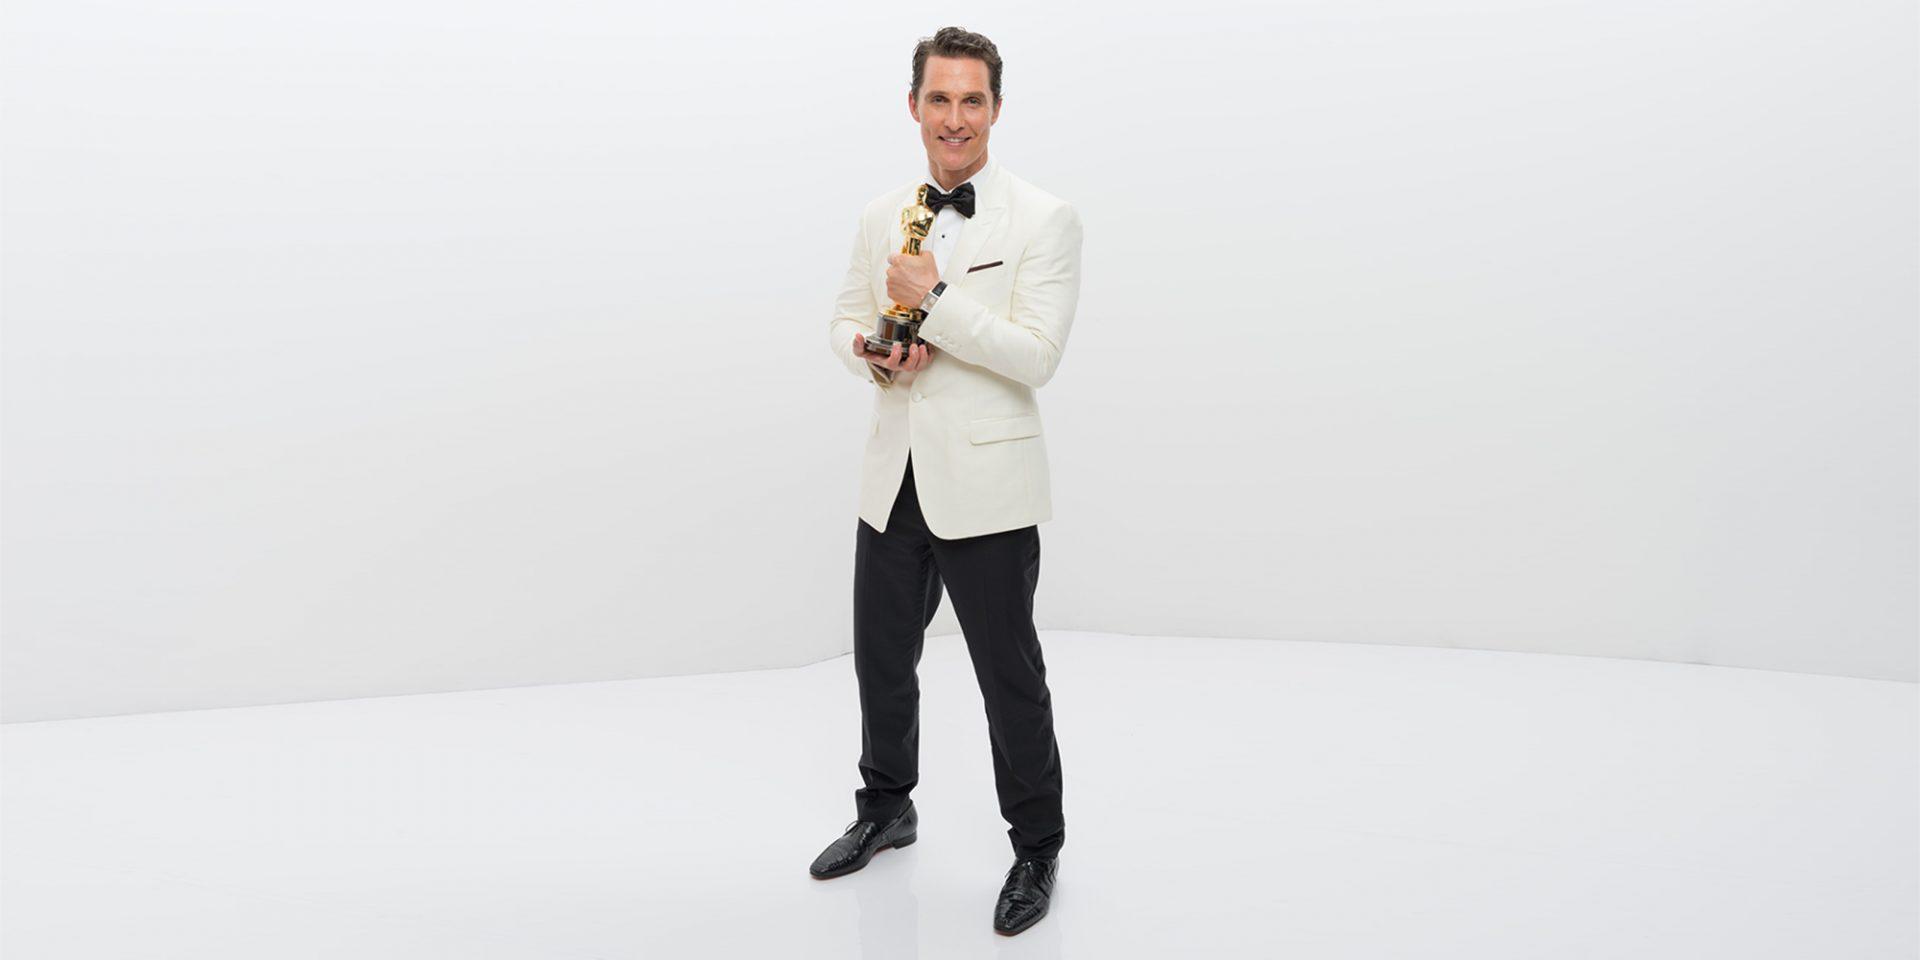 86th Academy Awards, Portraits